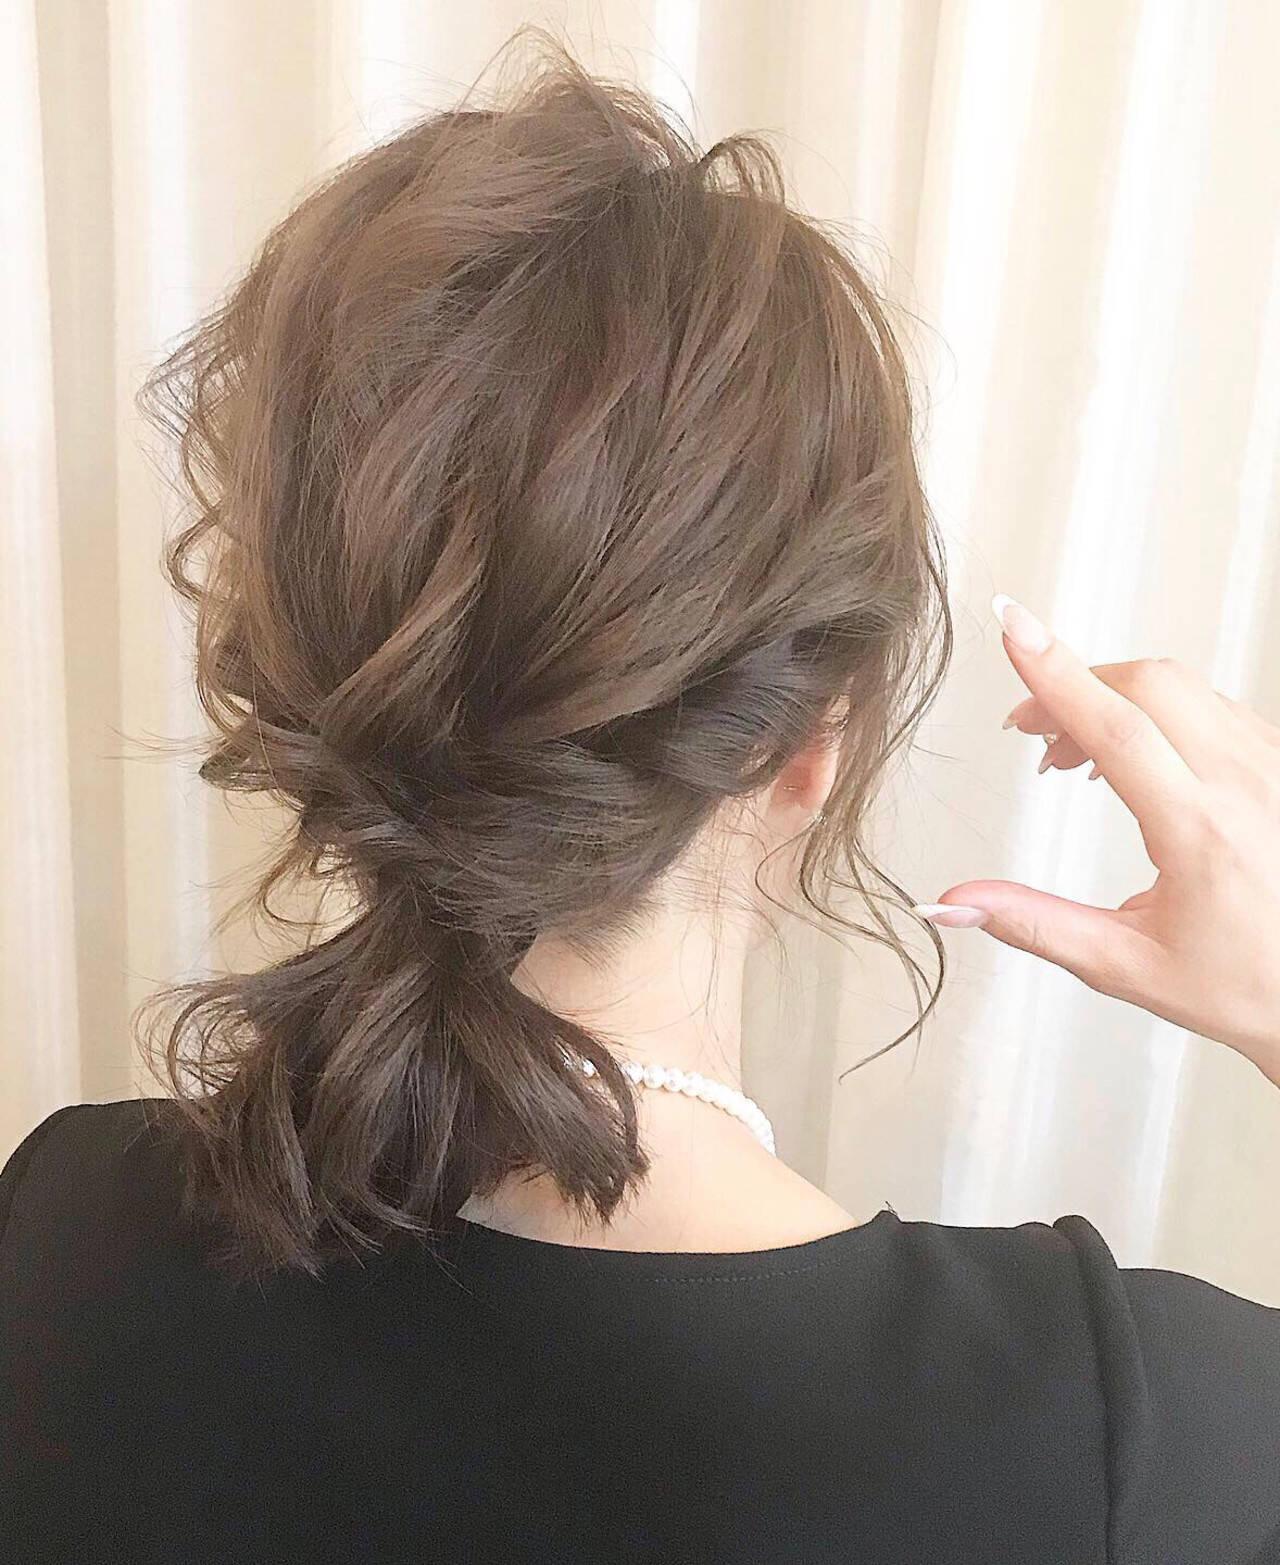 ミディアム ヘアアレンジ ナチュラル 結婚式ヘアアレンジヘアスタイルや髪型の写真・画像